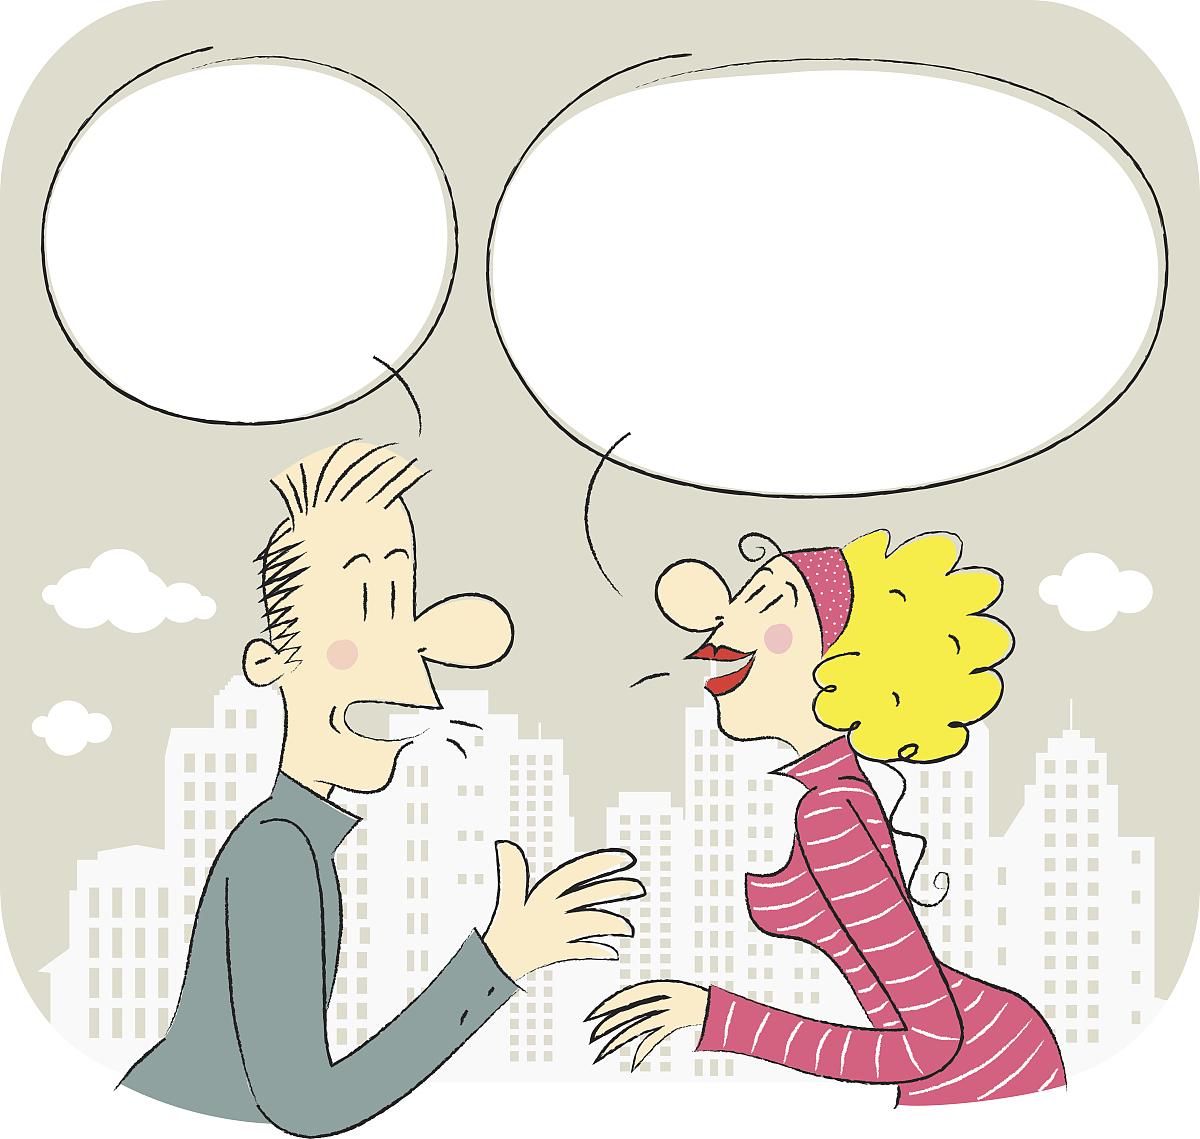 泡泡表情 大图分享展示图片